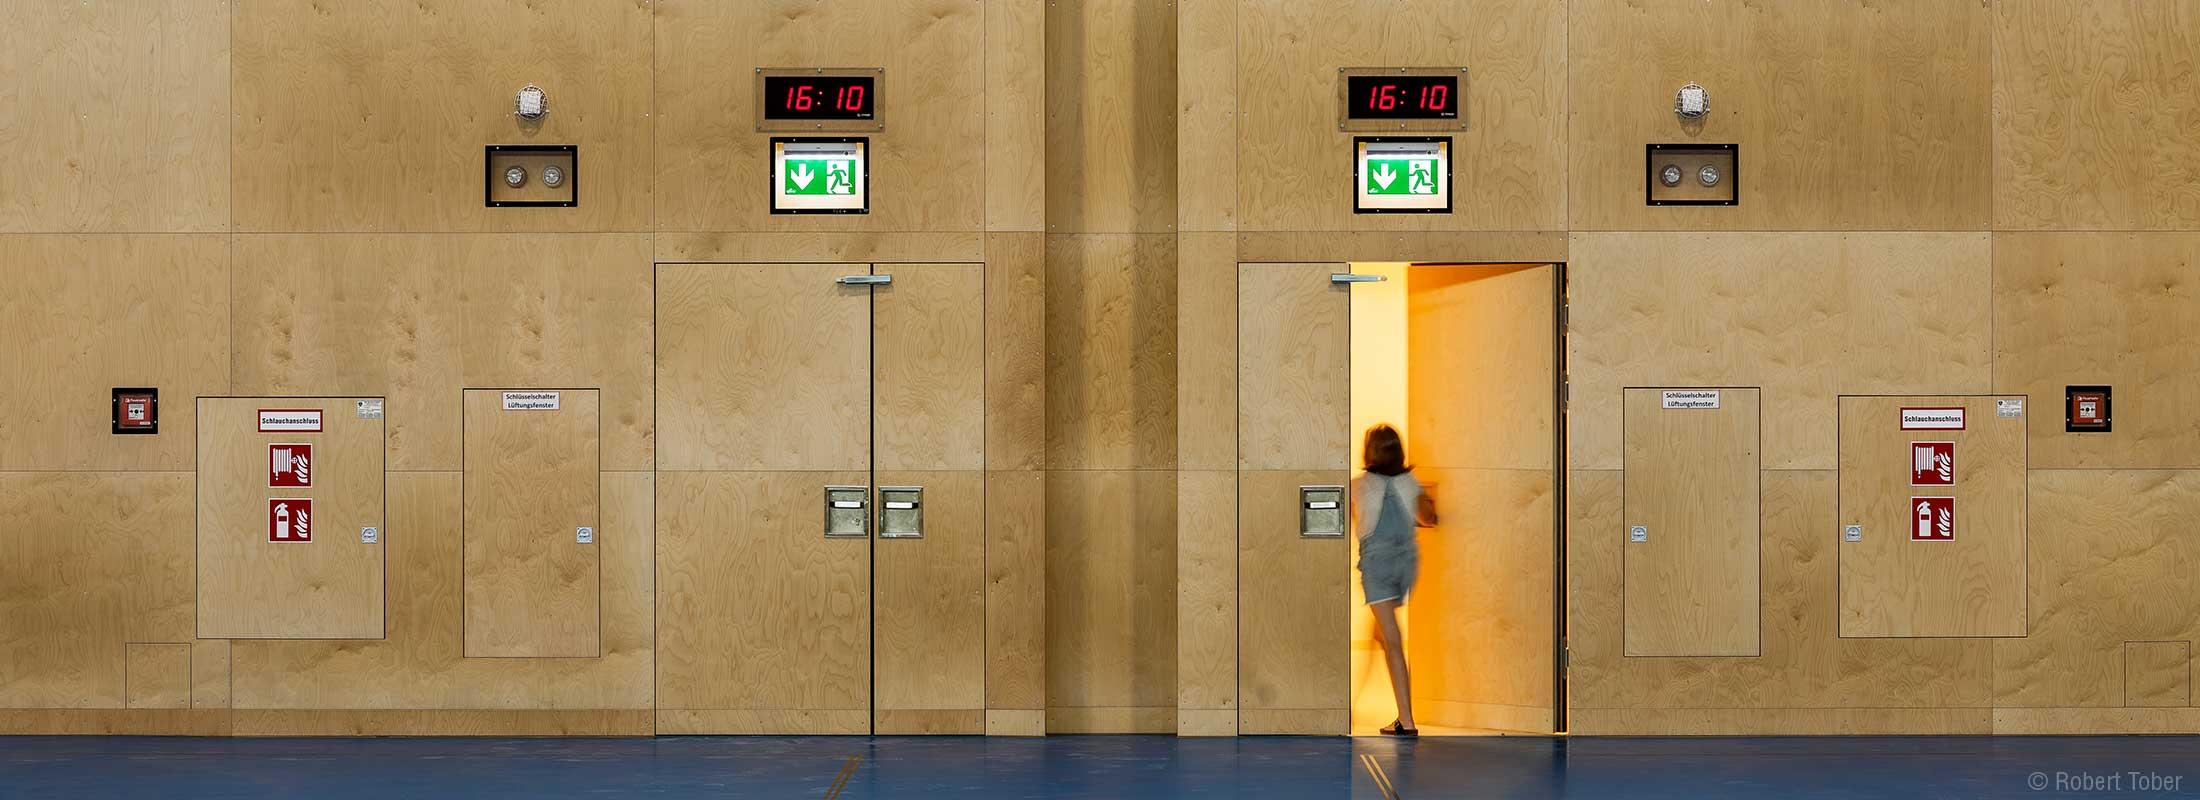 Wandhydrant, Feuerlöscher und Brandschutztüren im Turnsaal. Christine Nöstlinger Campus Wien. © Robert Tober